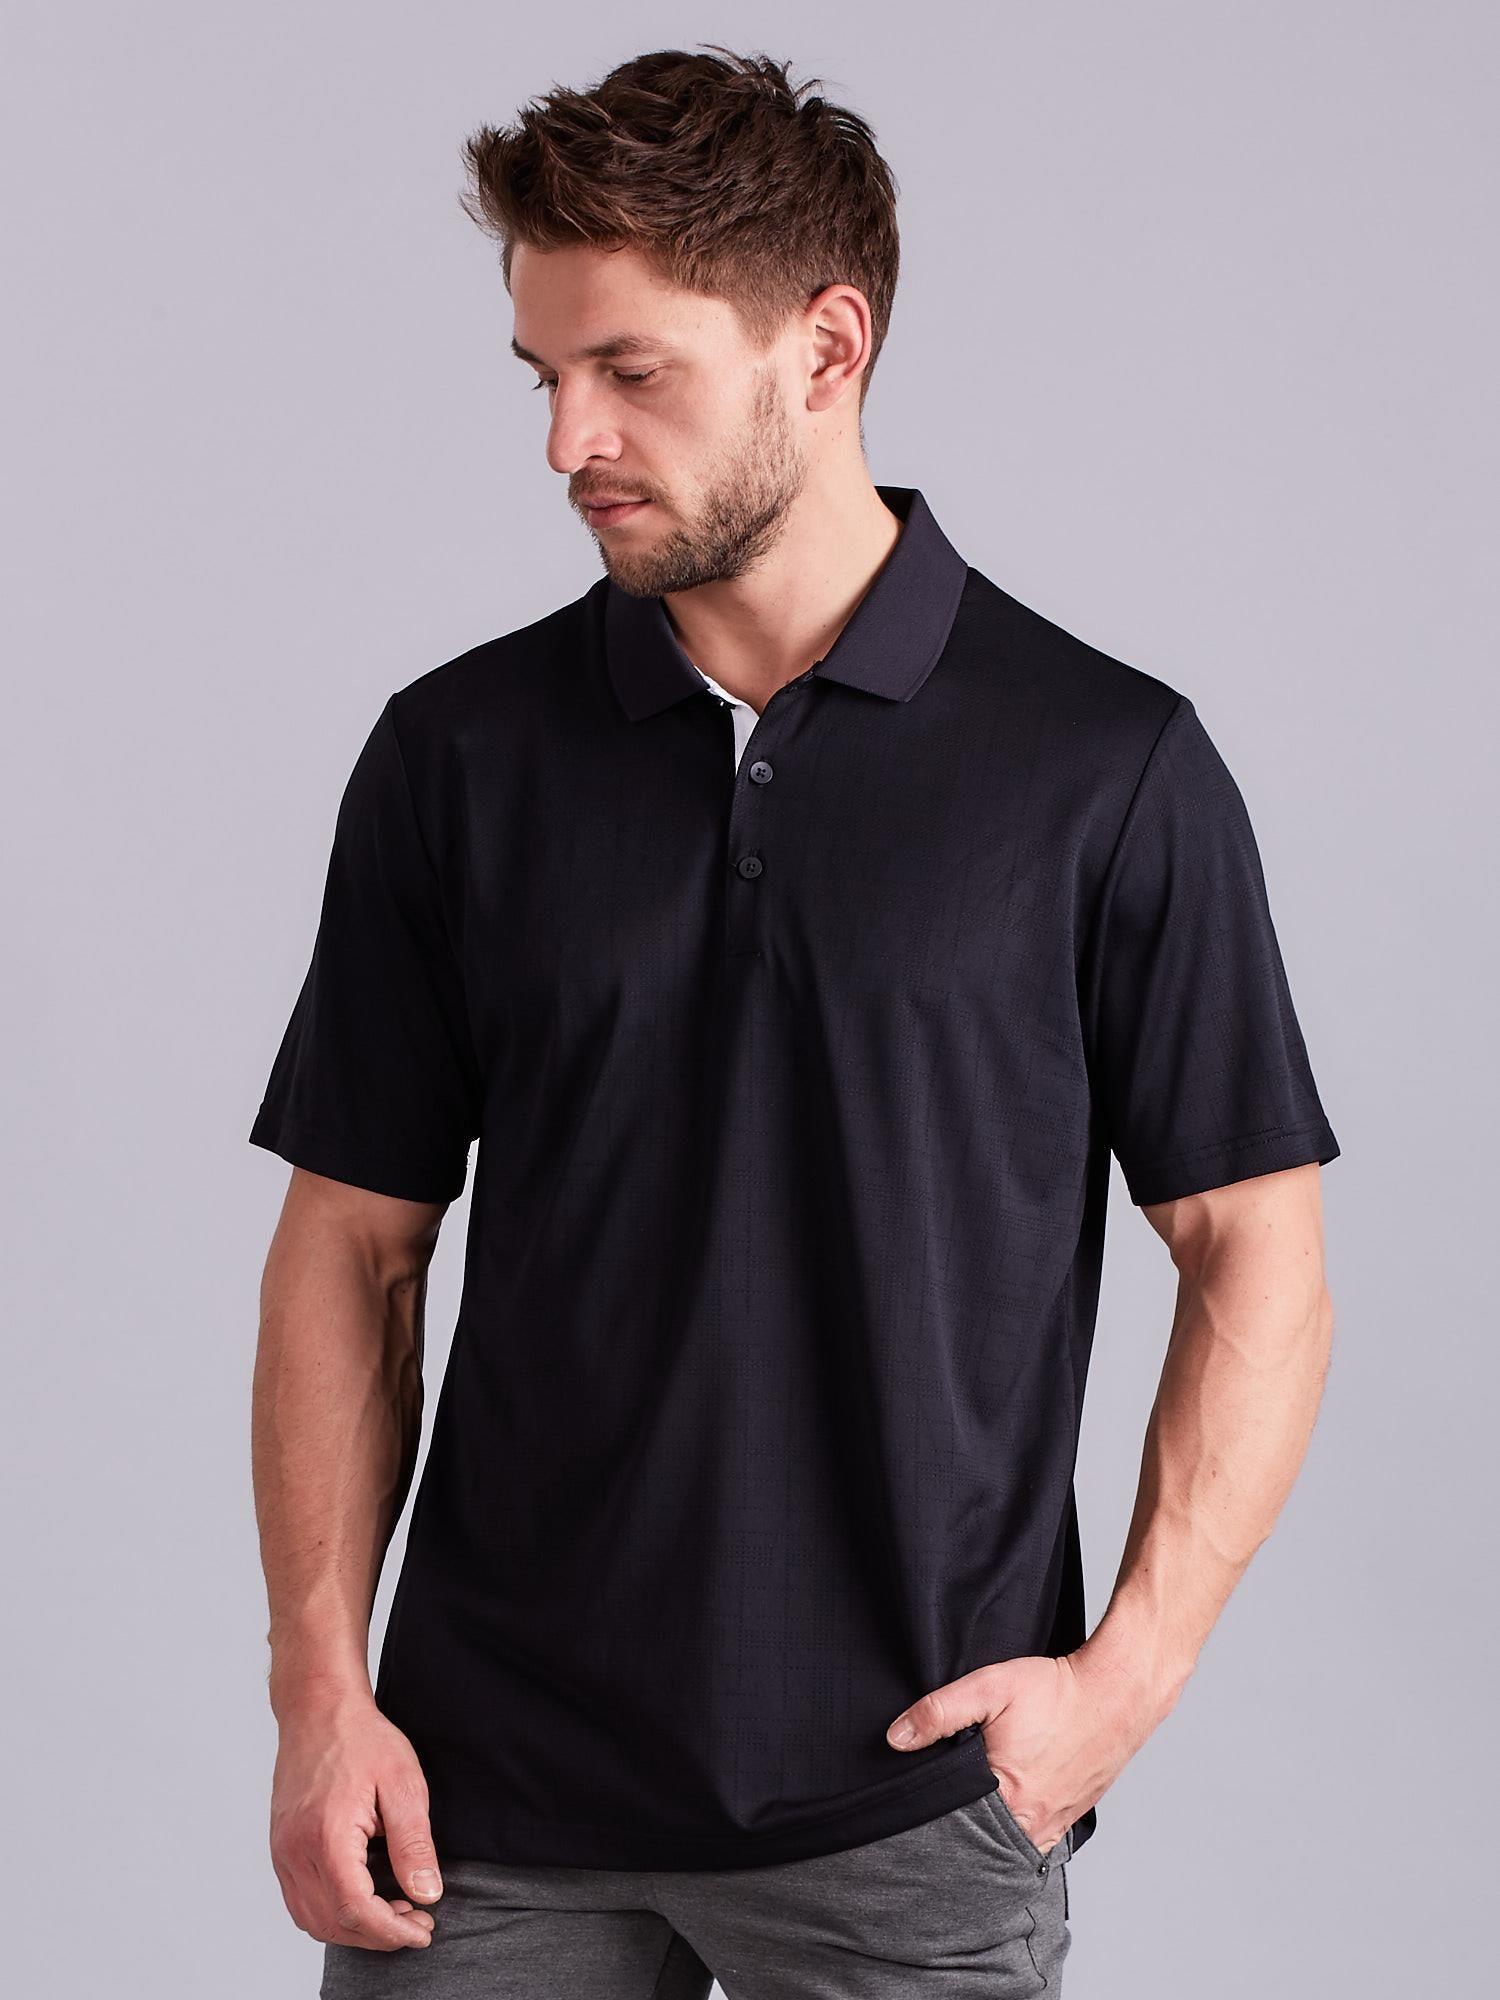 26601b79dabb31 ADIDAS Czarna męska koszulka polo - Mężczyźni koszulka polo męskie ...